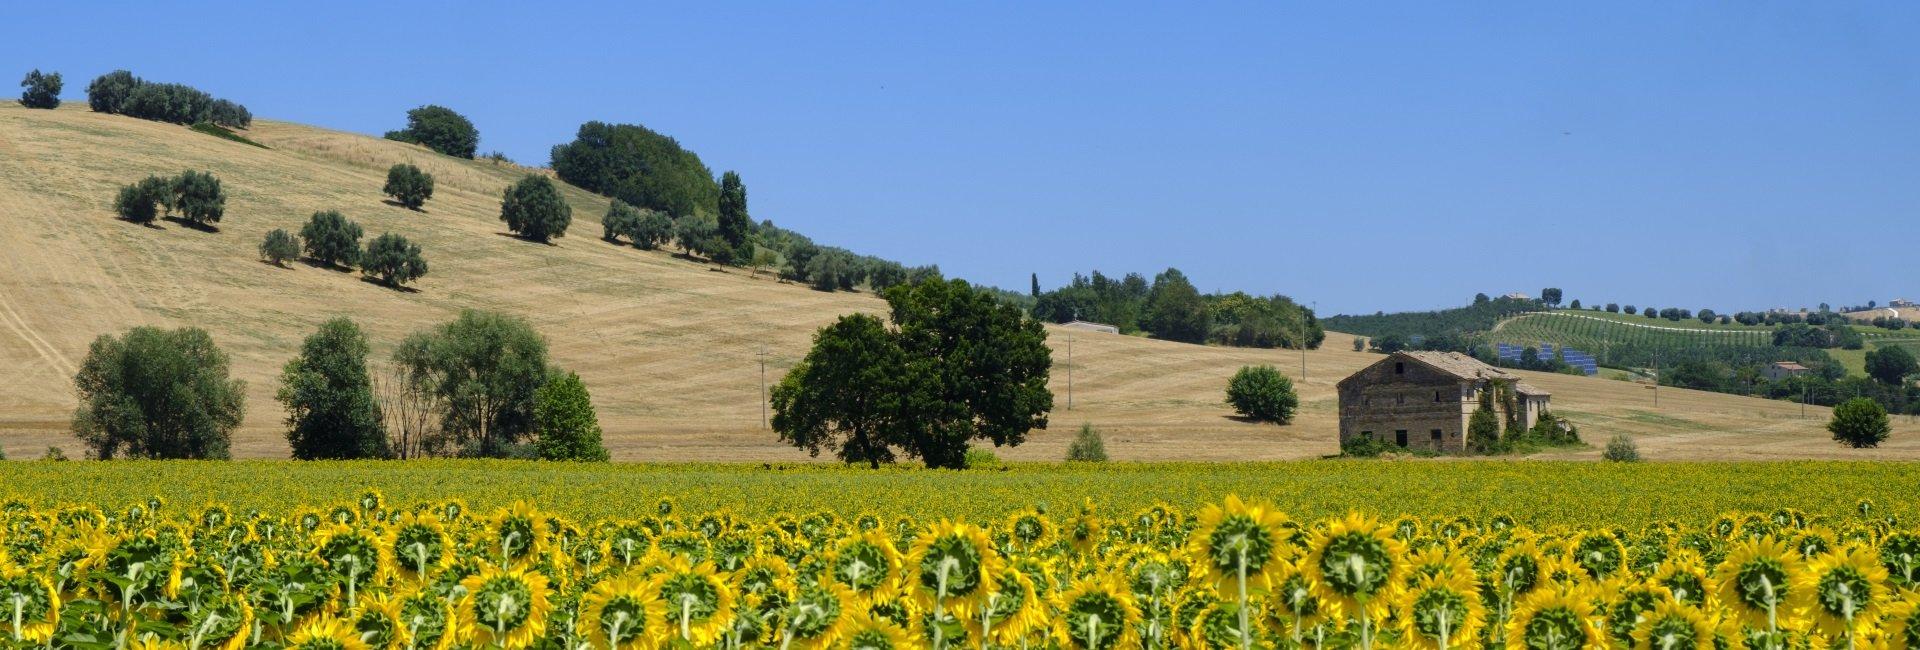 marche-zonnebloemen-italie.jpg